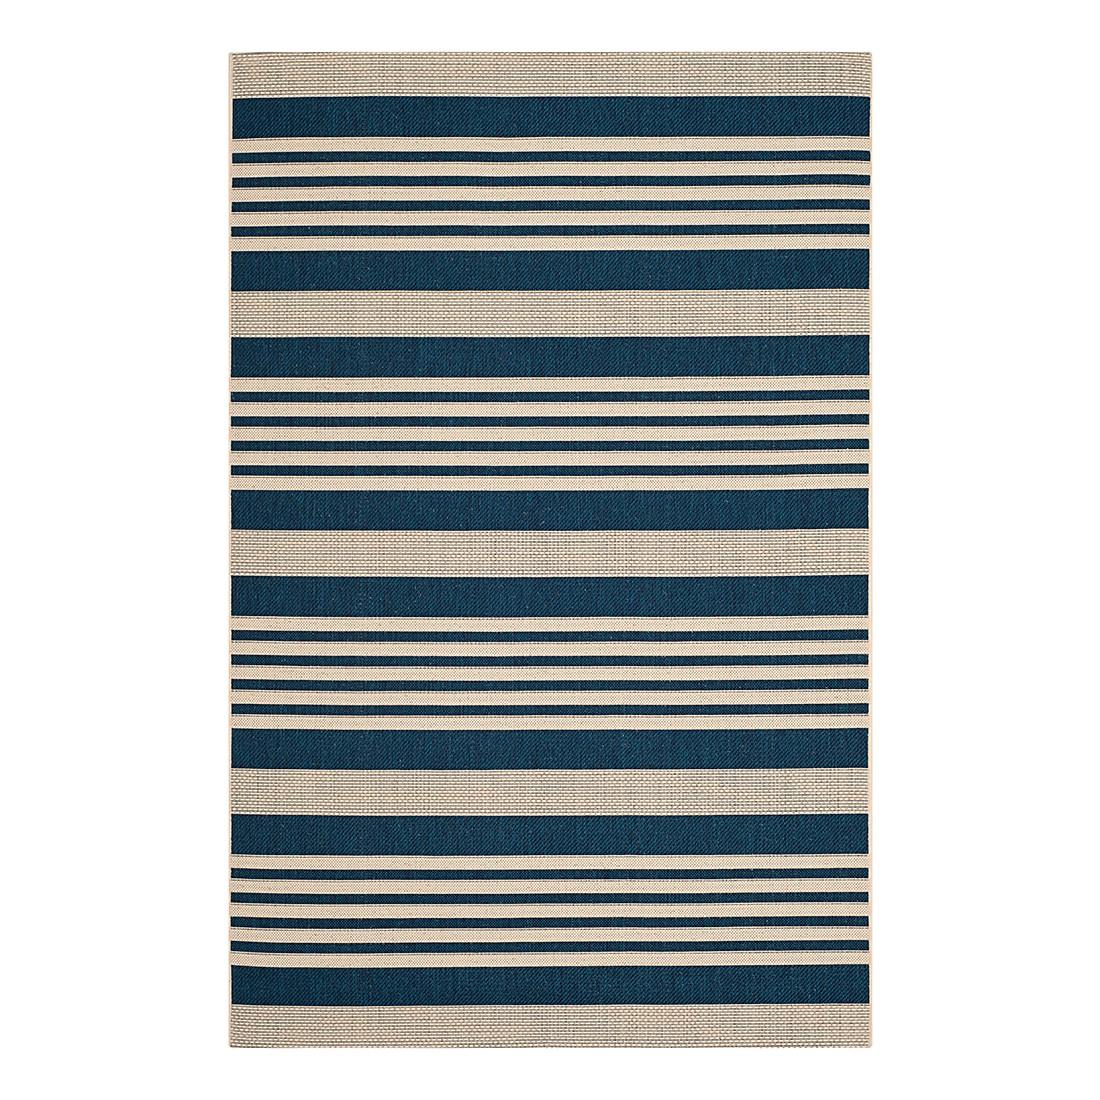 In-/Outdoorteppich Gemma – Marine/Beige – Maße: 200 x 289 cm, Safavieh kaufen